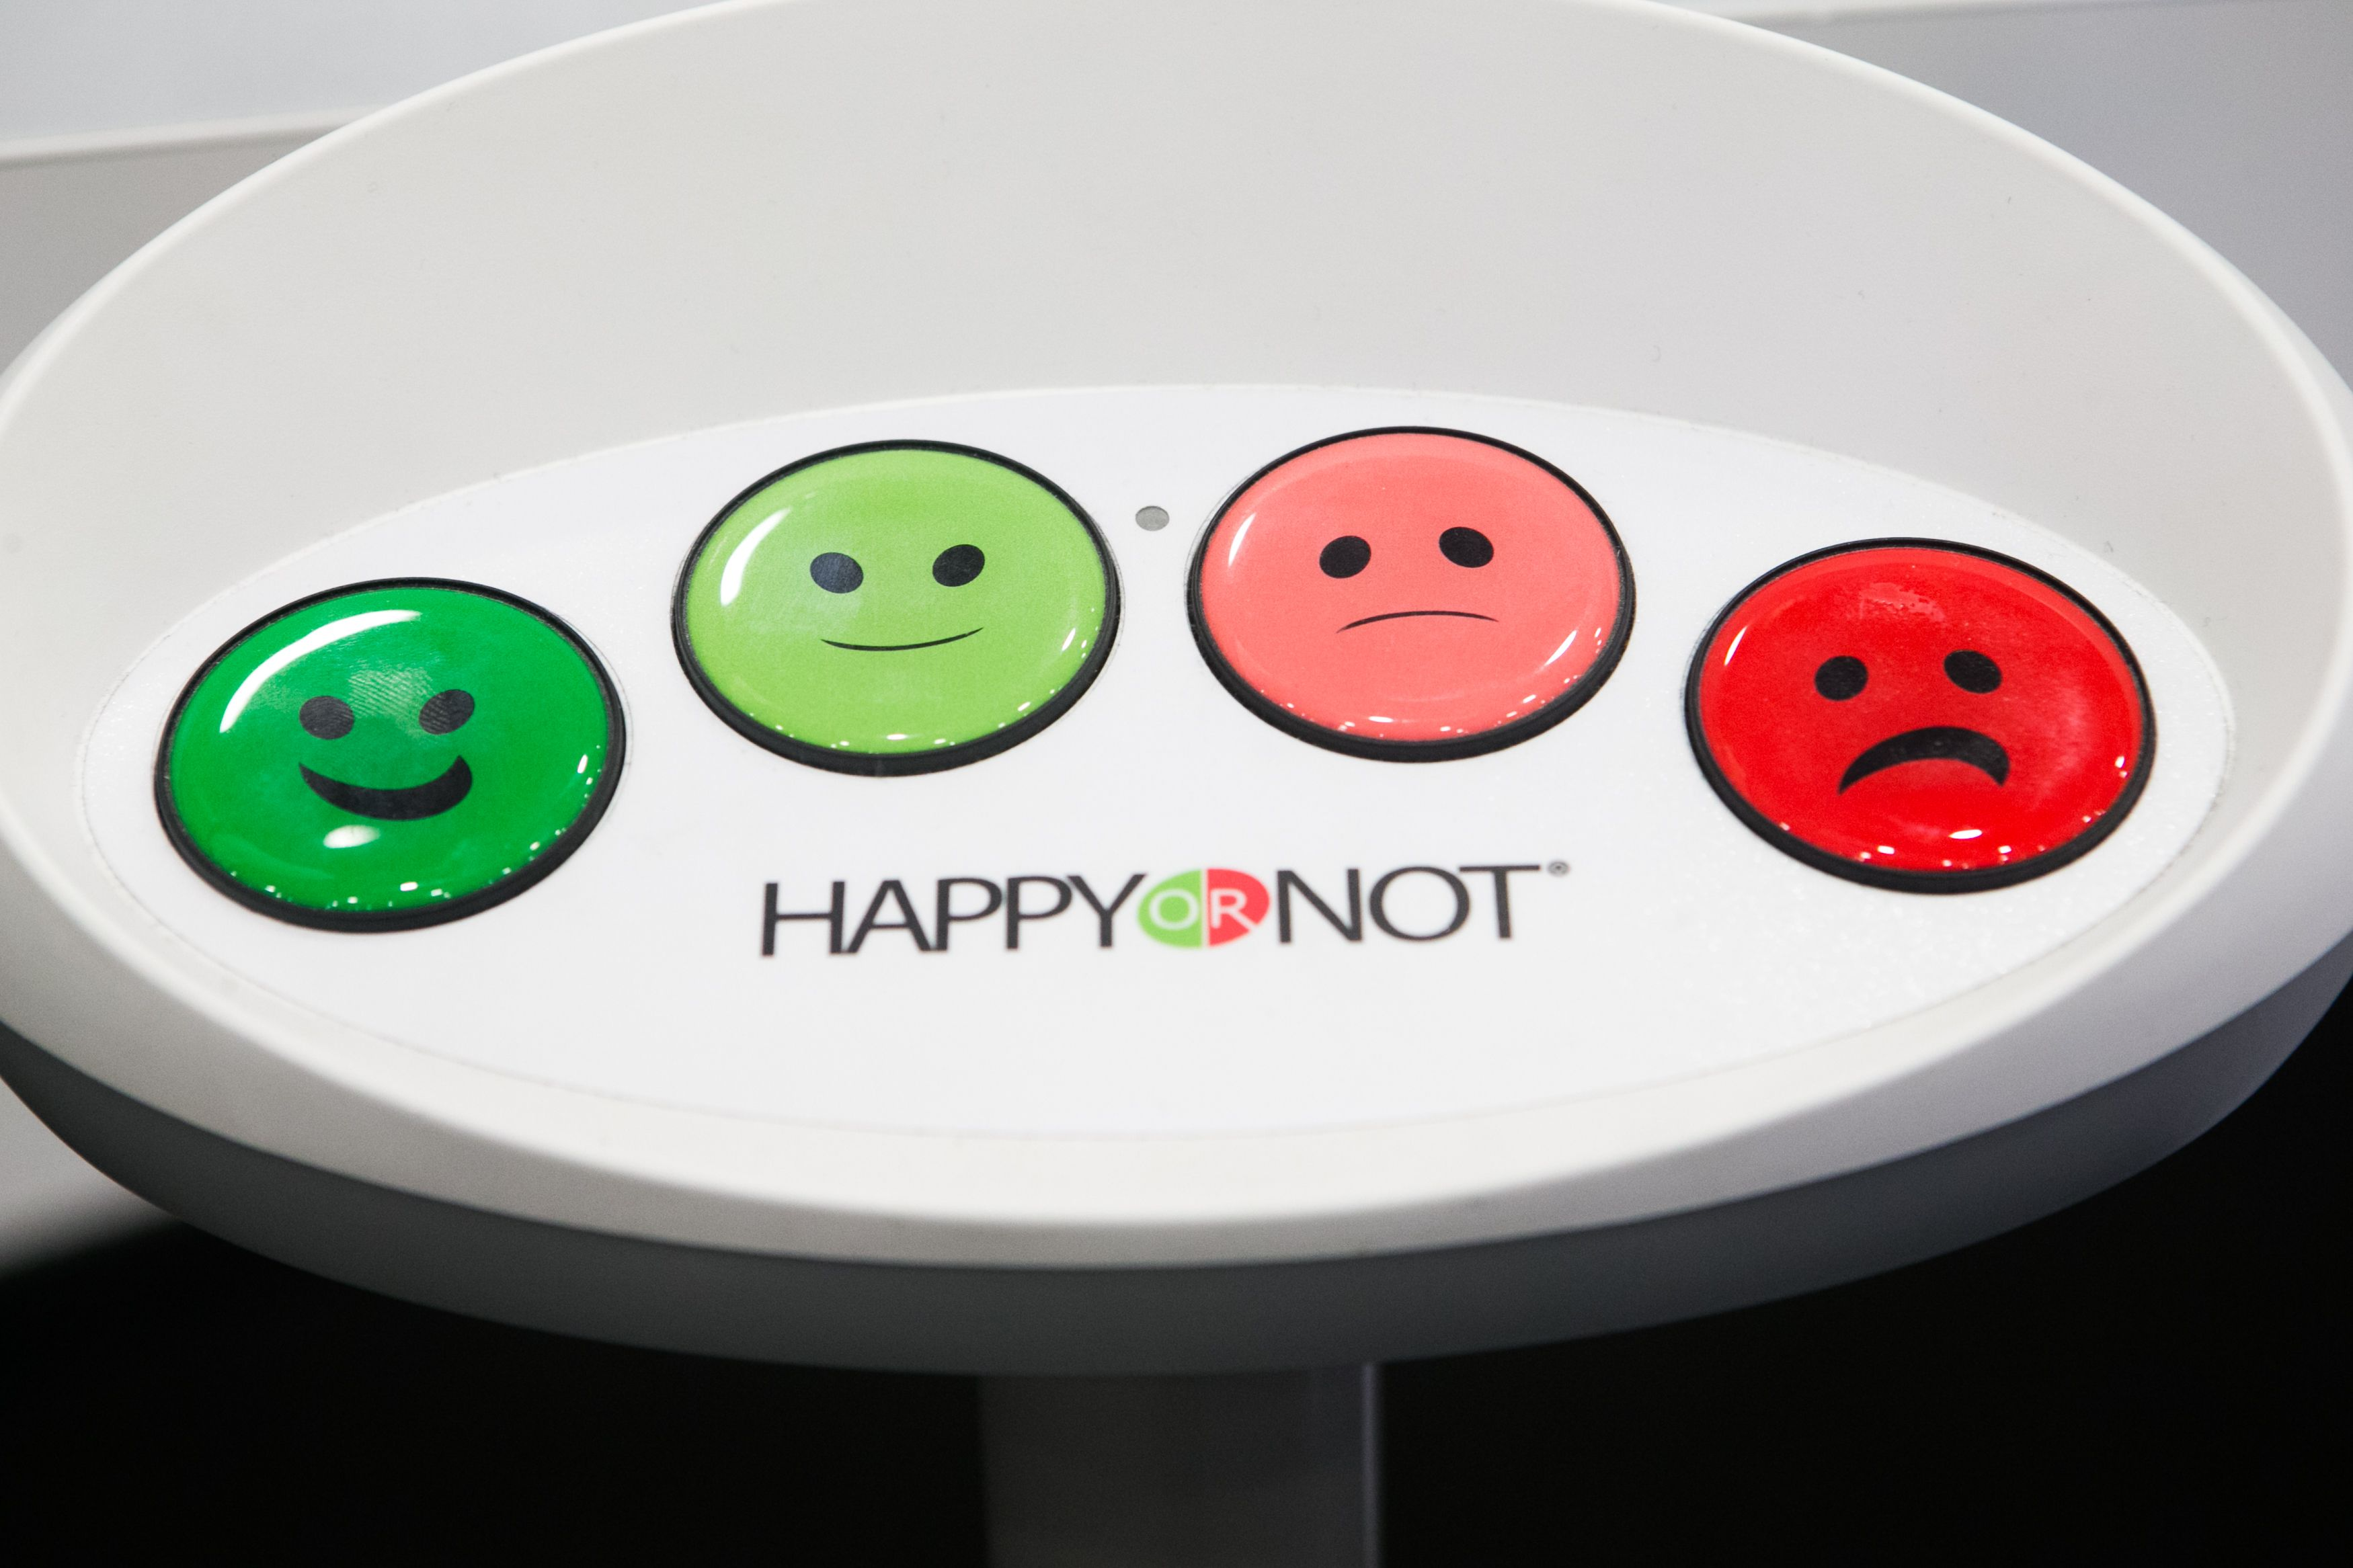 Laimingas darbuotojas: reikia tiek nedaug